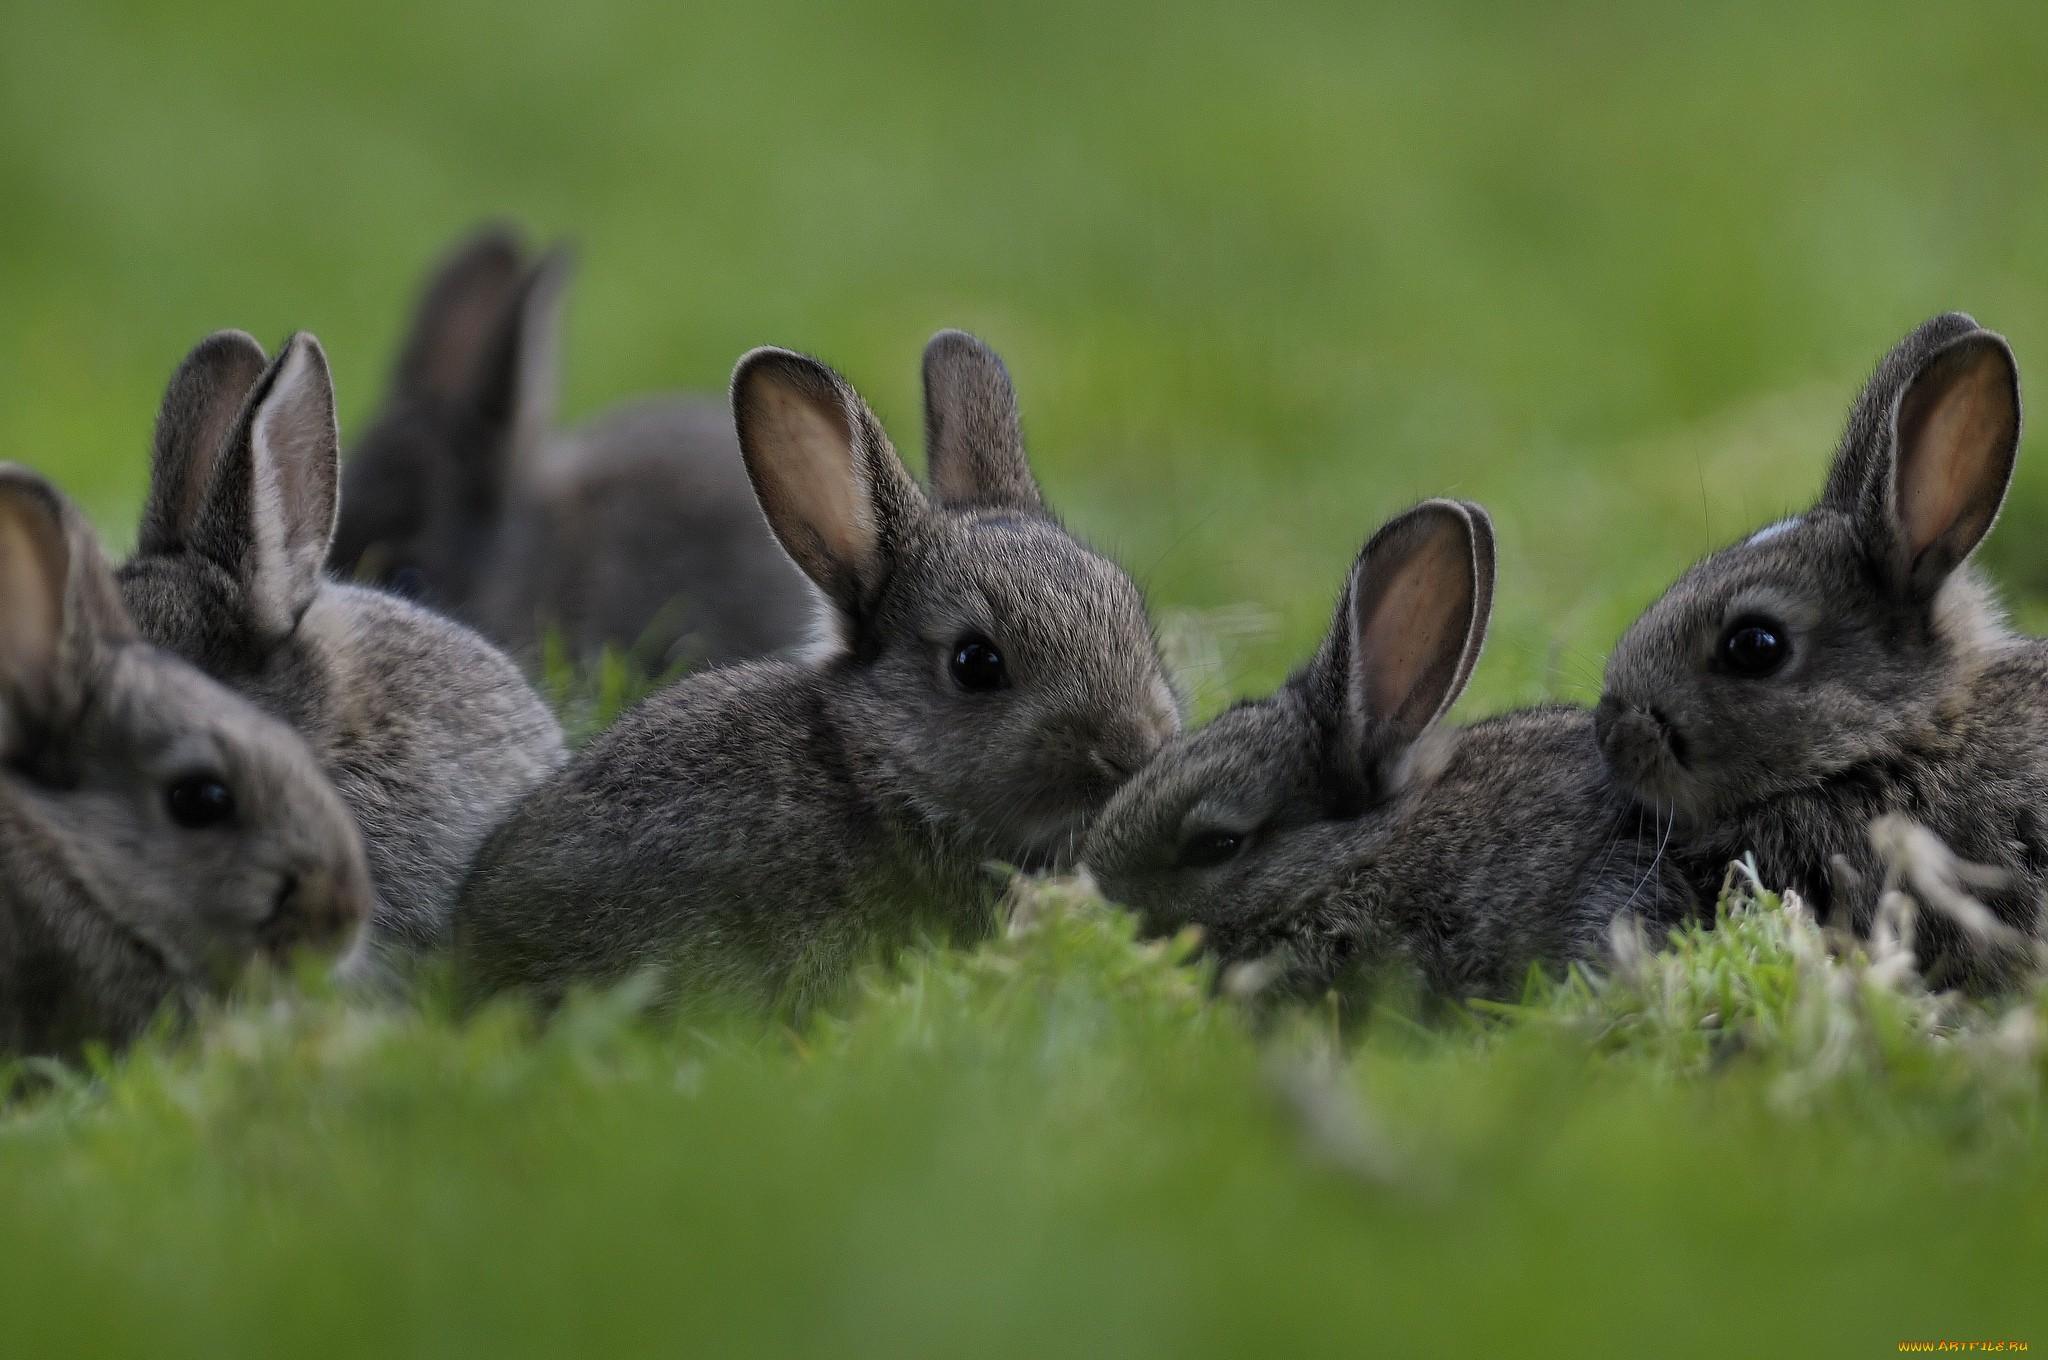 природа животные заяц nature animals hare  № 103336 бесплатно